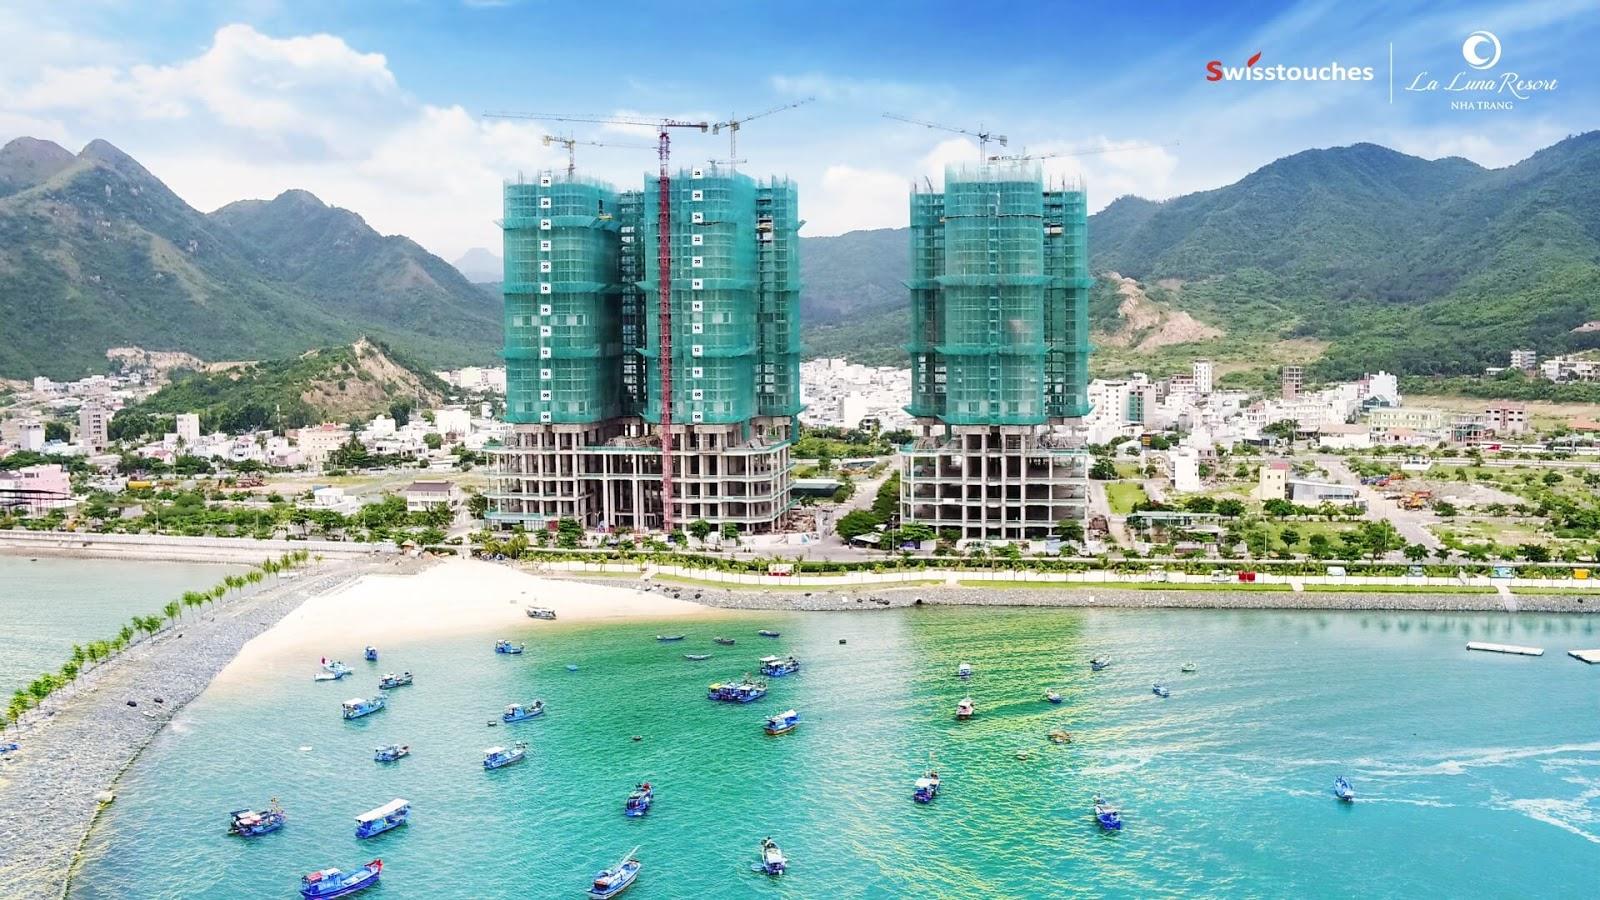 Tiến độ xây dưng mới nhất của Swisstouches La Luna Resort tại Nha Trang